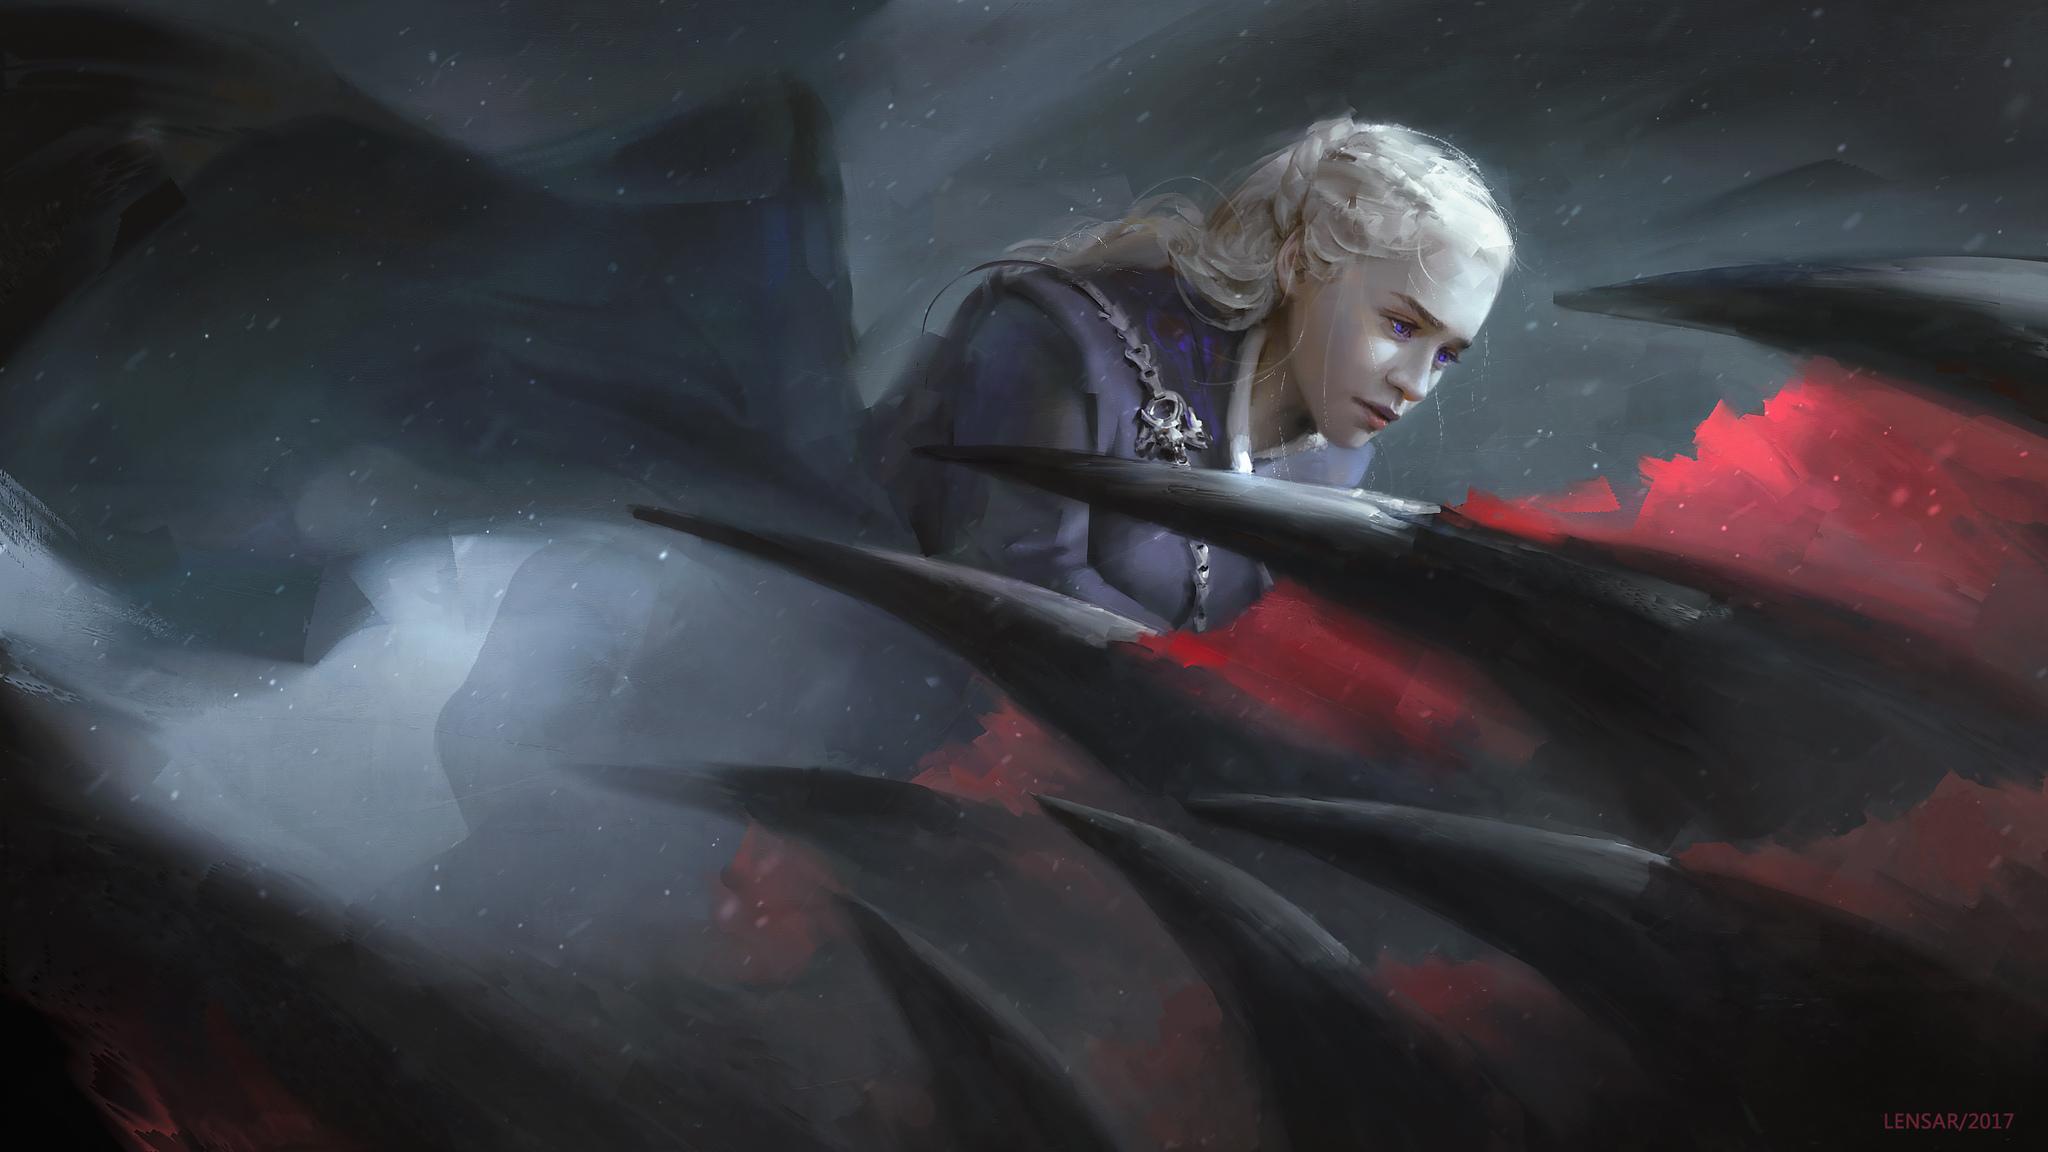 2048x1152 Daenerys Targaryen Game Of Thrones Dragon